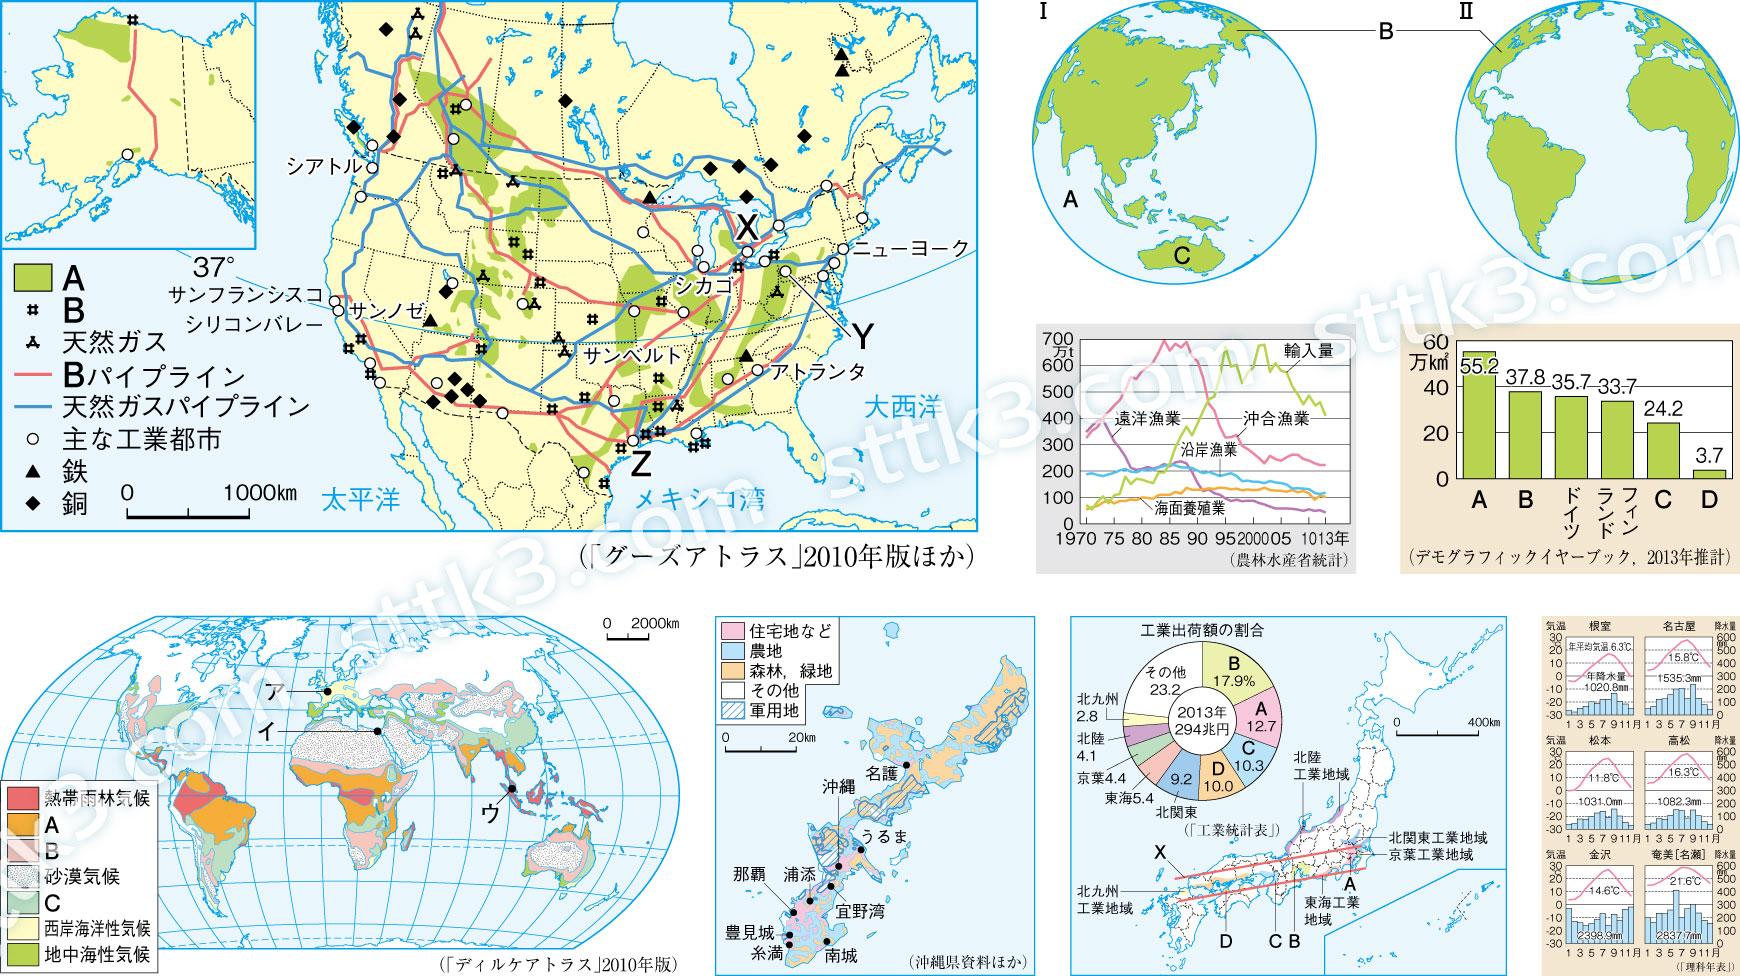 中学校社会(地理)の地図・グラフなど図版サンプル